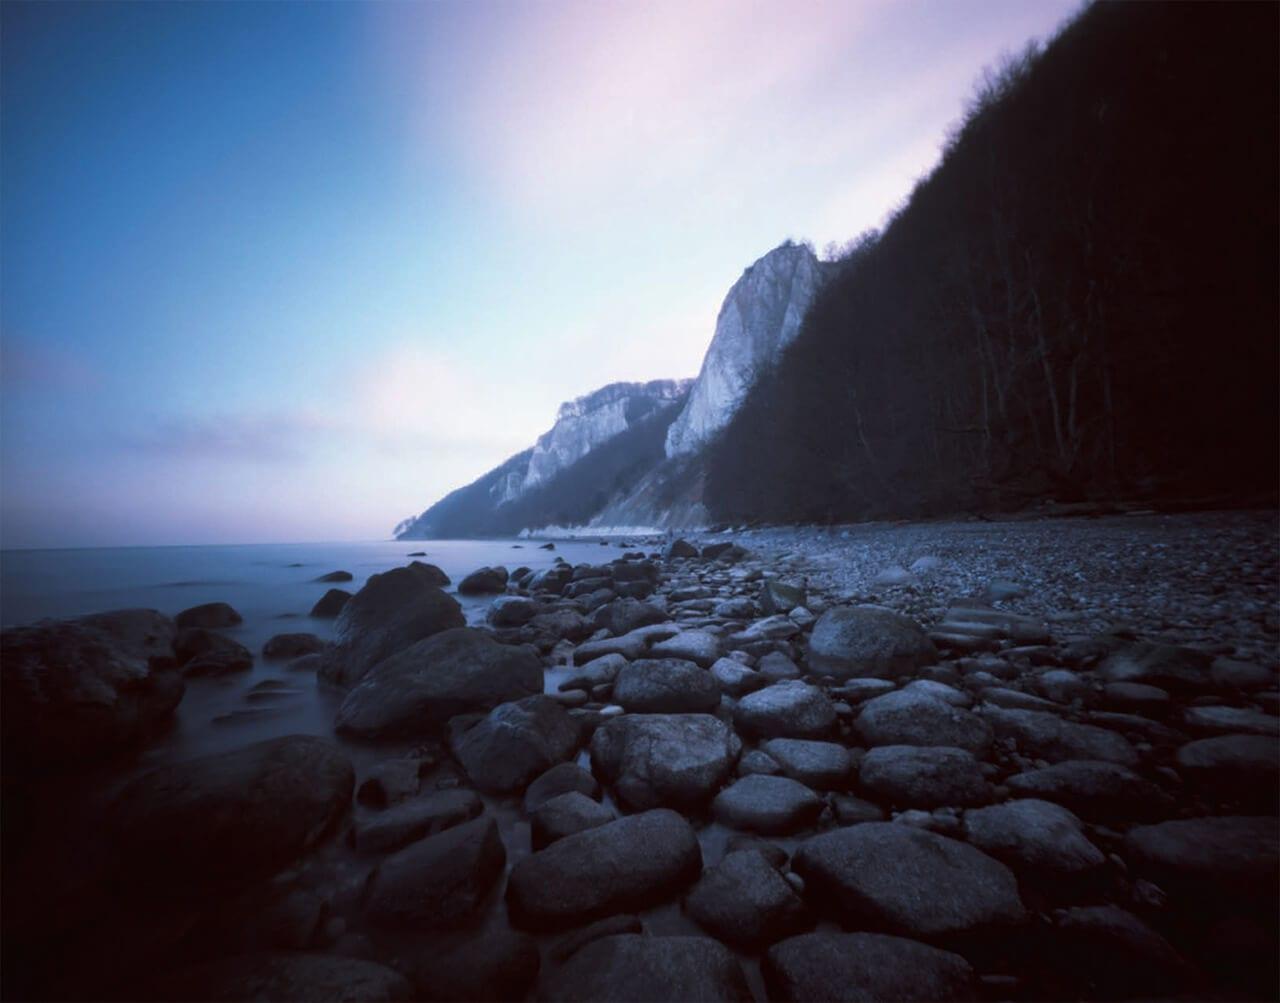 Bild des Kreidefelsen-Strandes auf Rügen aus dem Natur-Fotografie-Buch Lange Zeit Lichtbilder der baltischen See aus dem Verlag Seltmann + Söhne